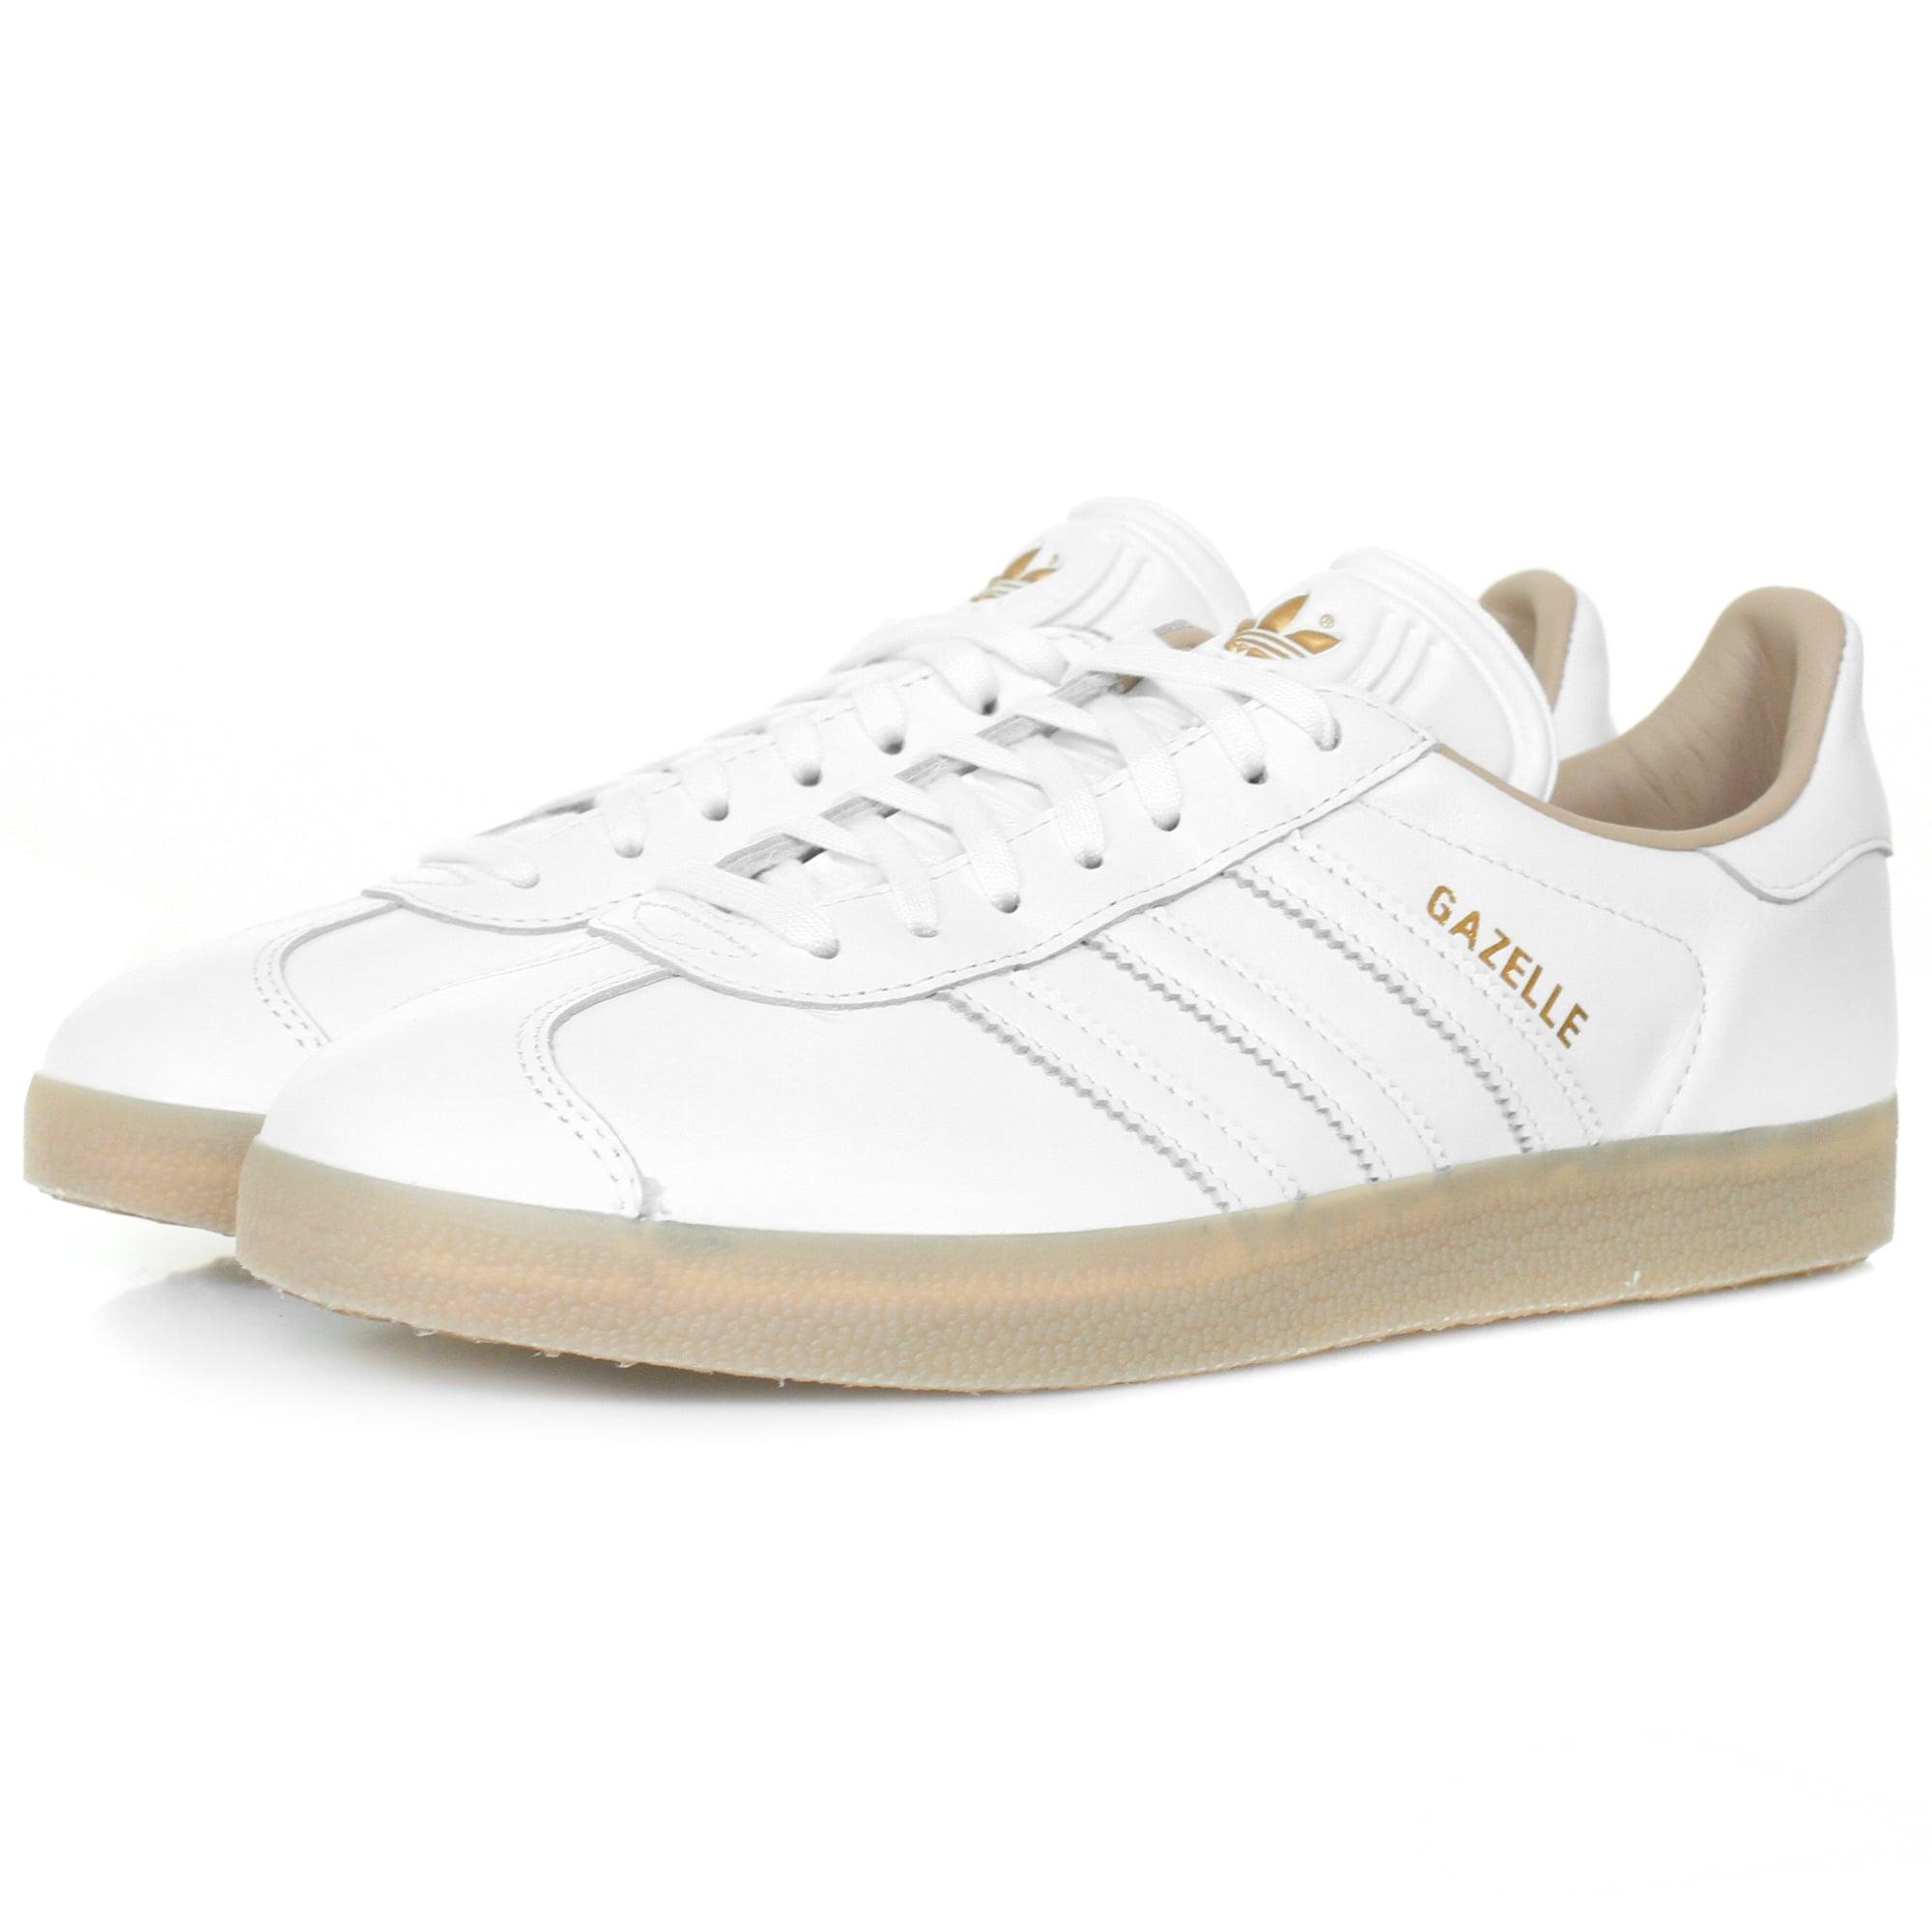 adidas gazelle white gum